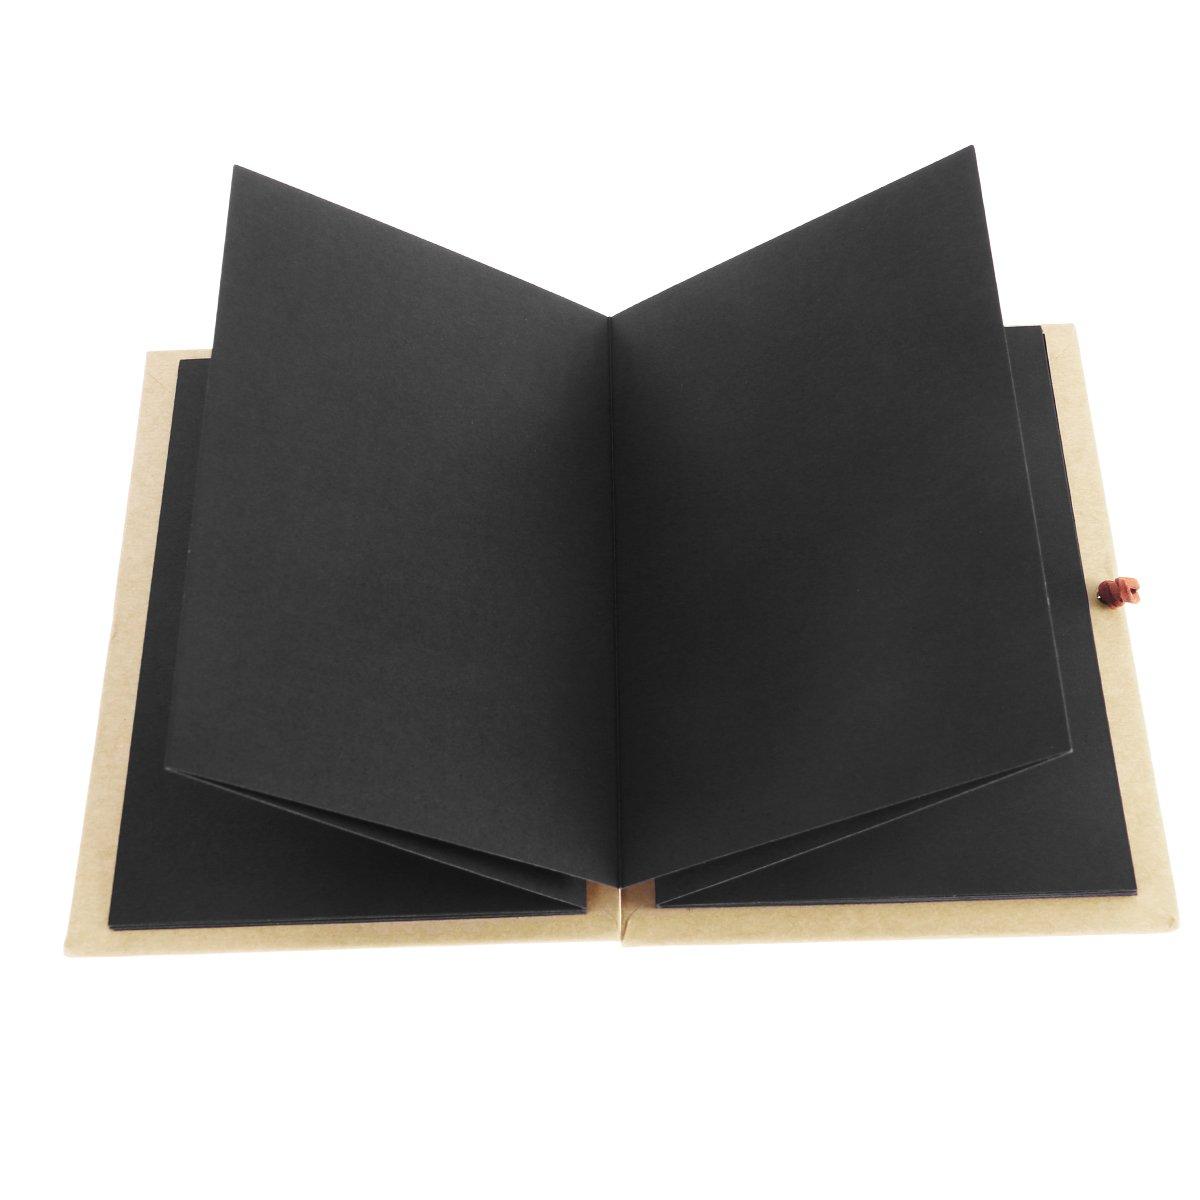 luoem carta kraft con copertina rigida, stile fisarmonica, Album portafoto fai da te, Libro 36 pagina, Blocco per Appunti, graduati, Compleanno, anniversario, regalo di matrimonio, pagine nere) Libro 36pagina